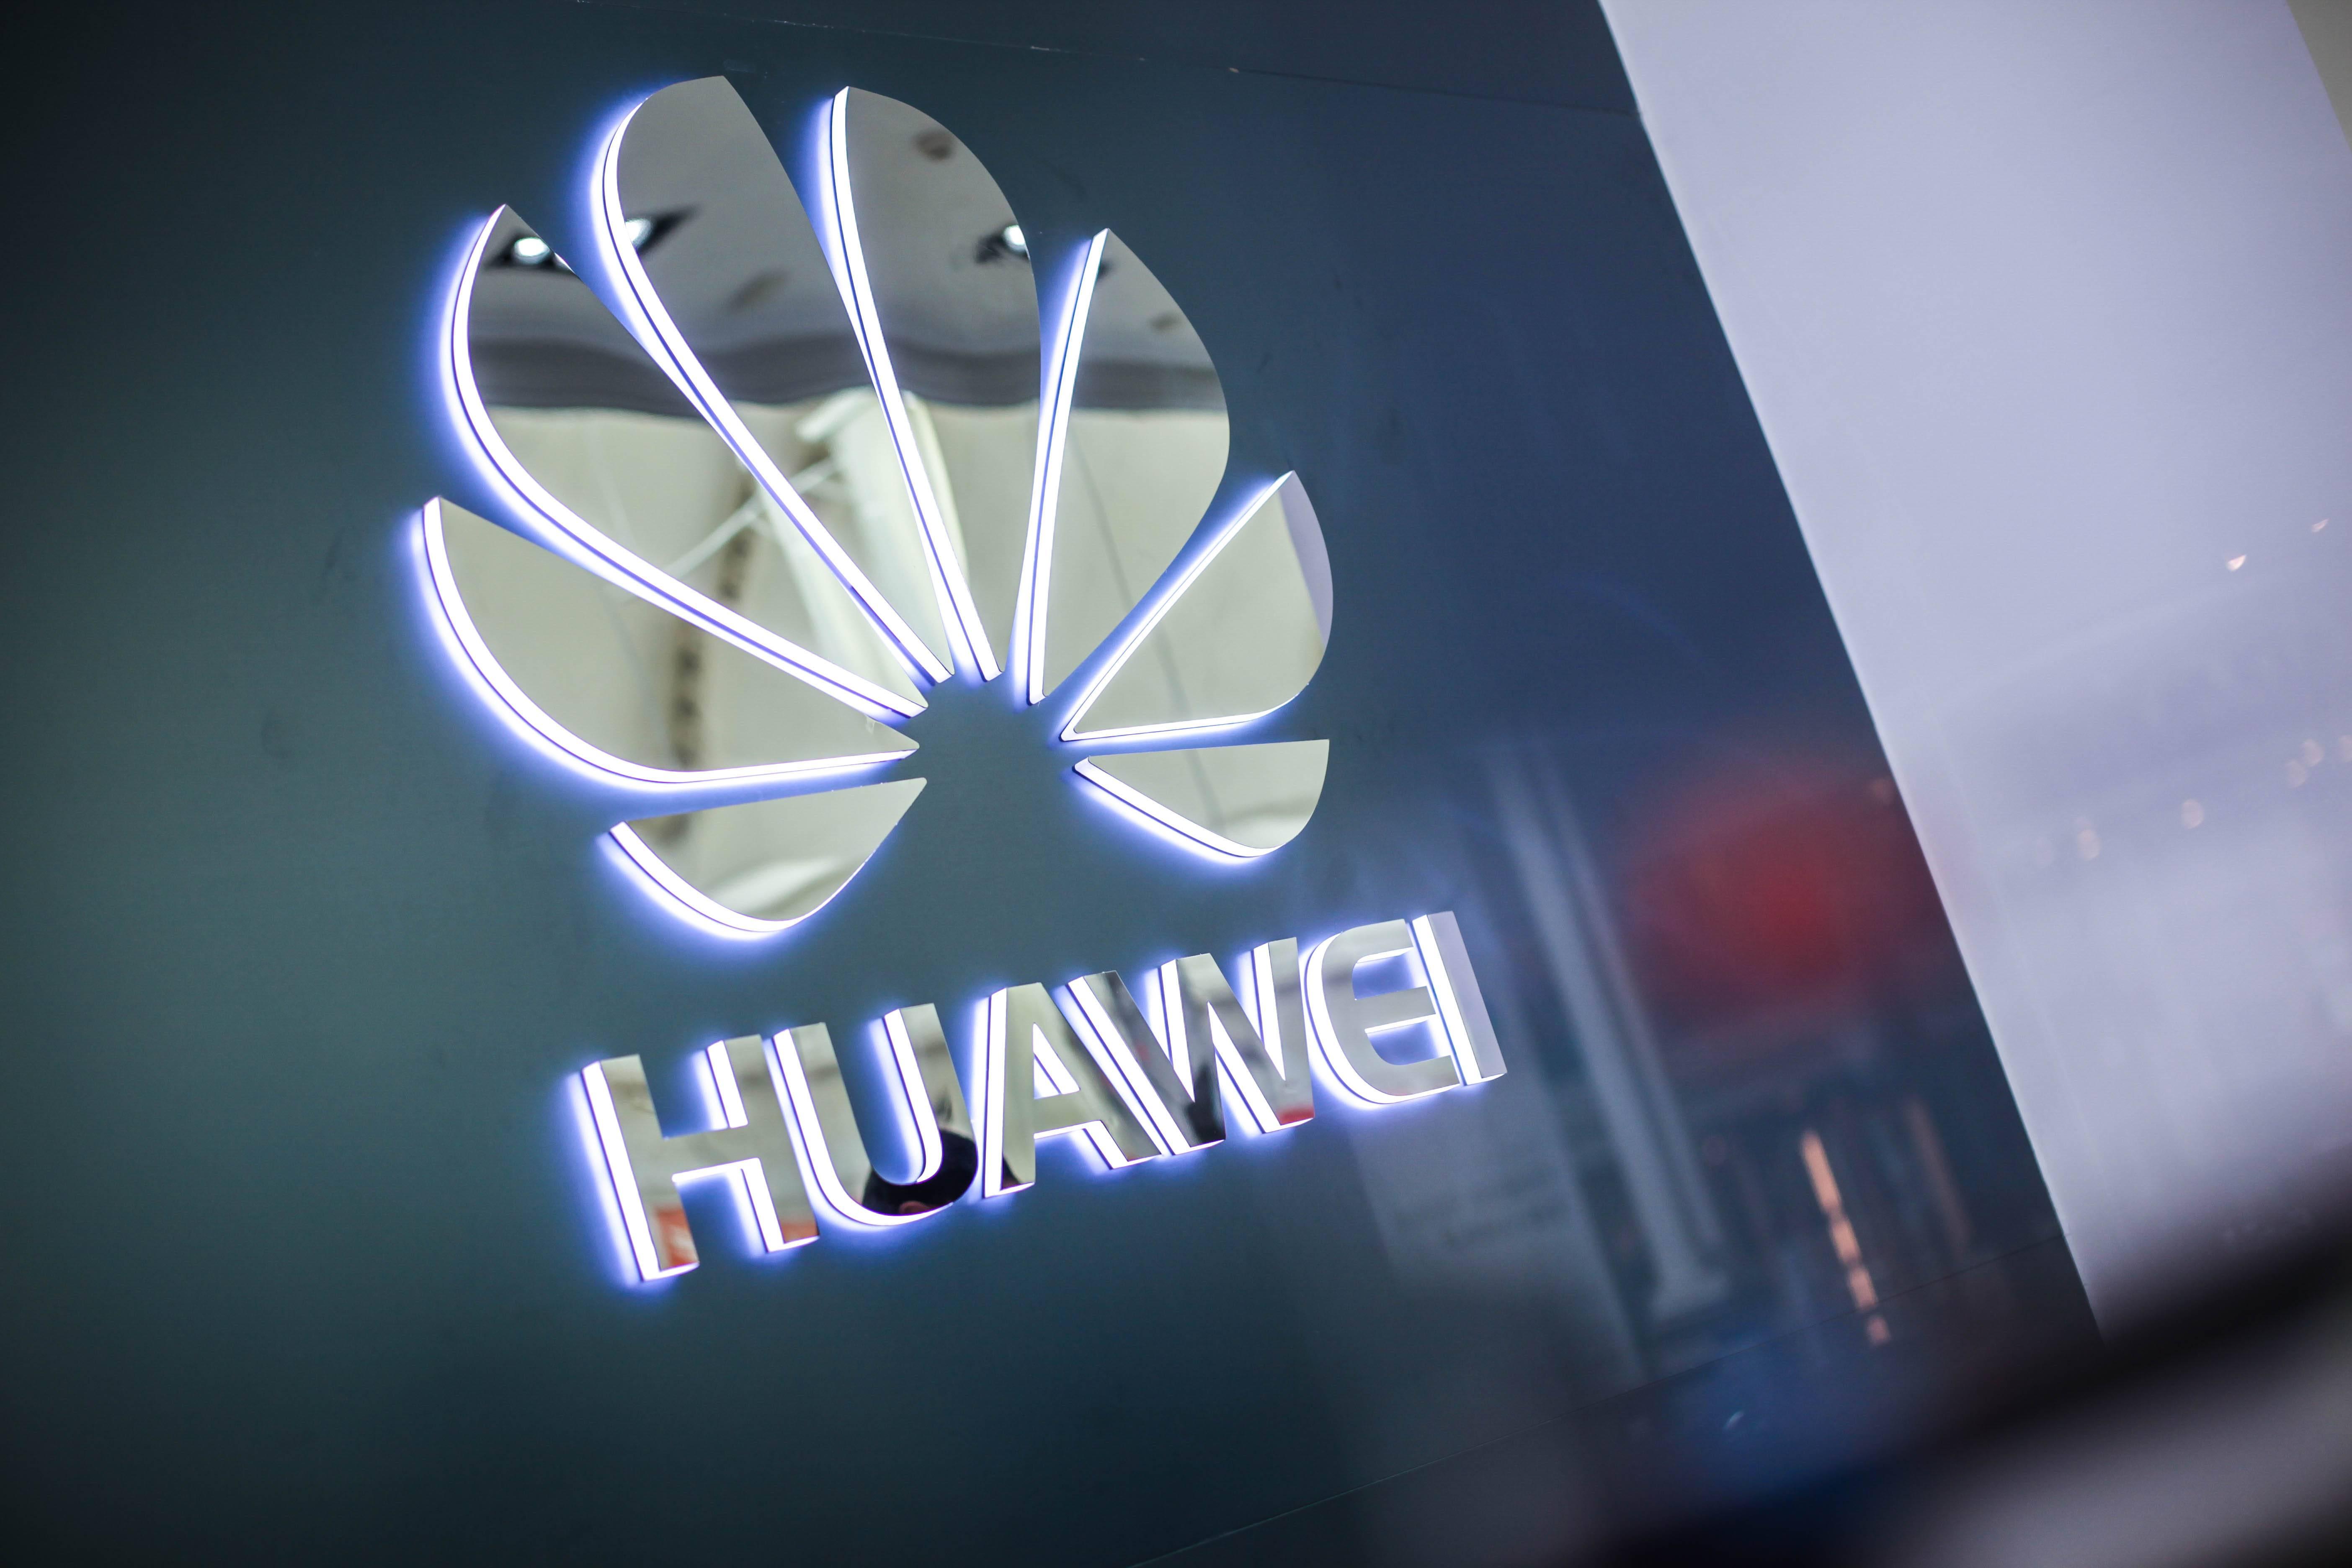 """Estados Unidos y China firman """"fase uno"""" de nuevo acuerdo comercial ¿Afecta esto a Huawei?"""